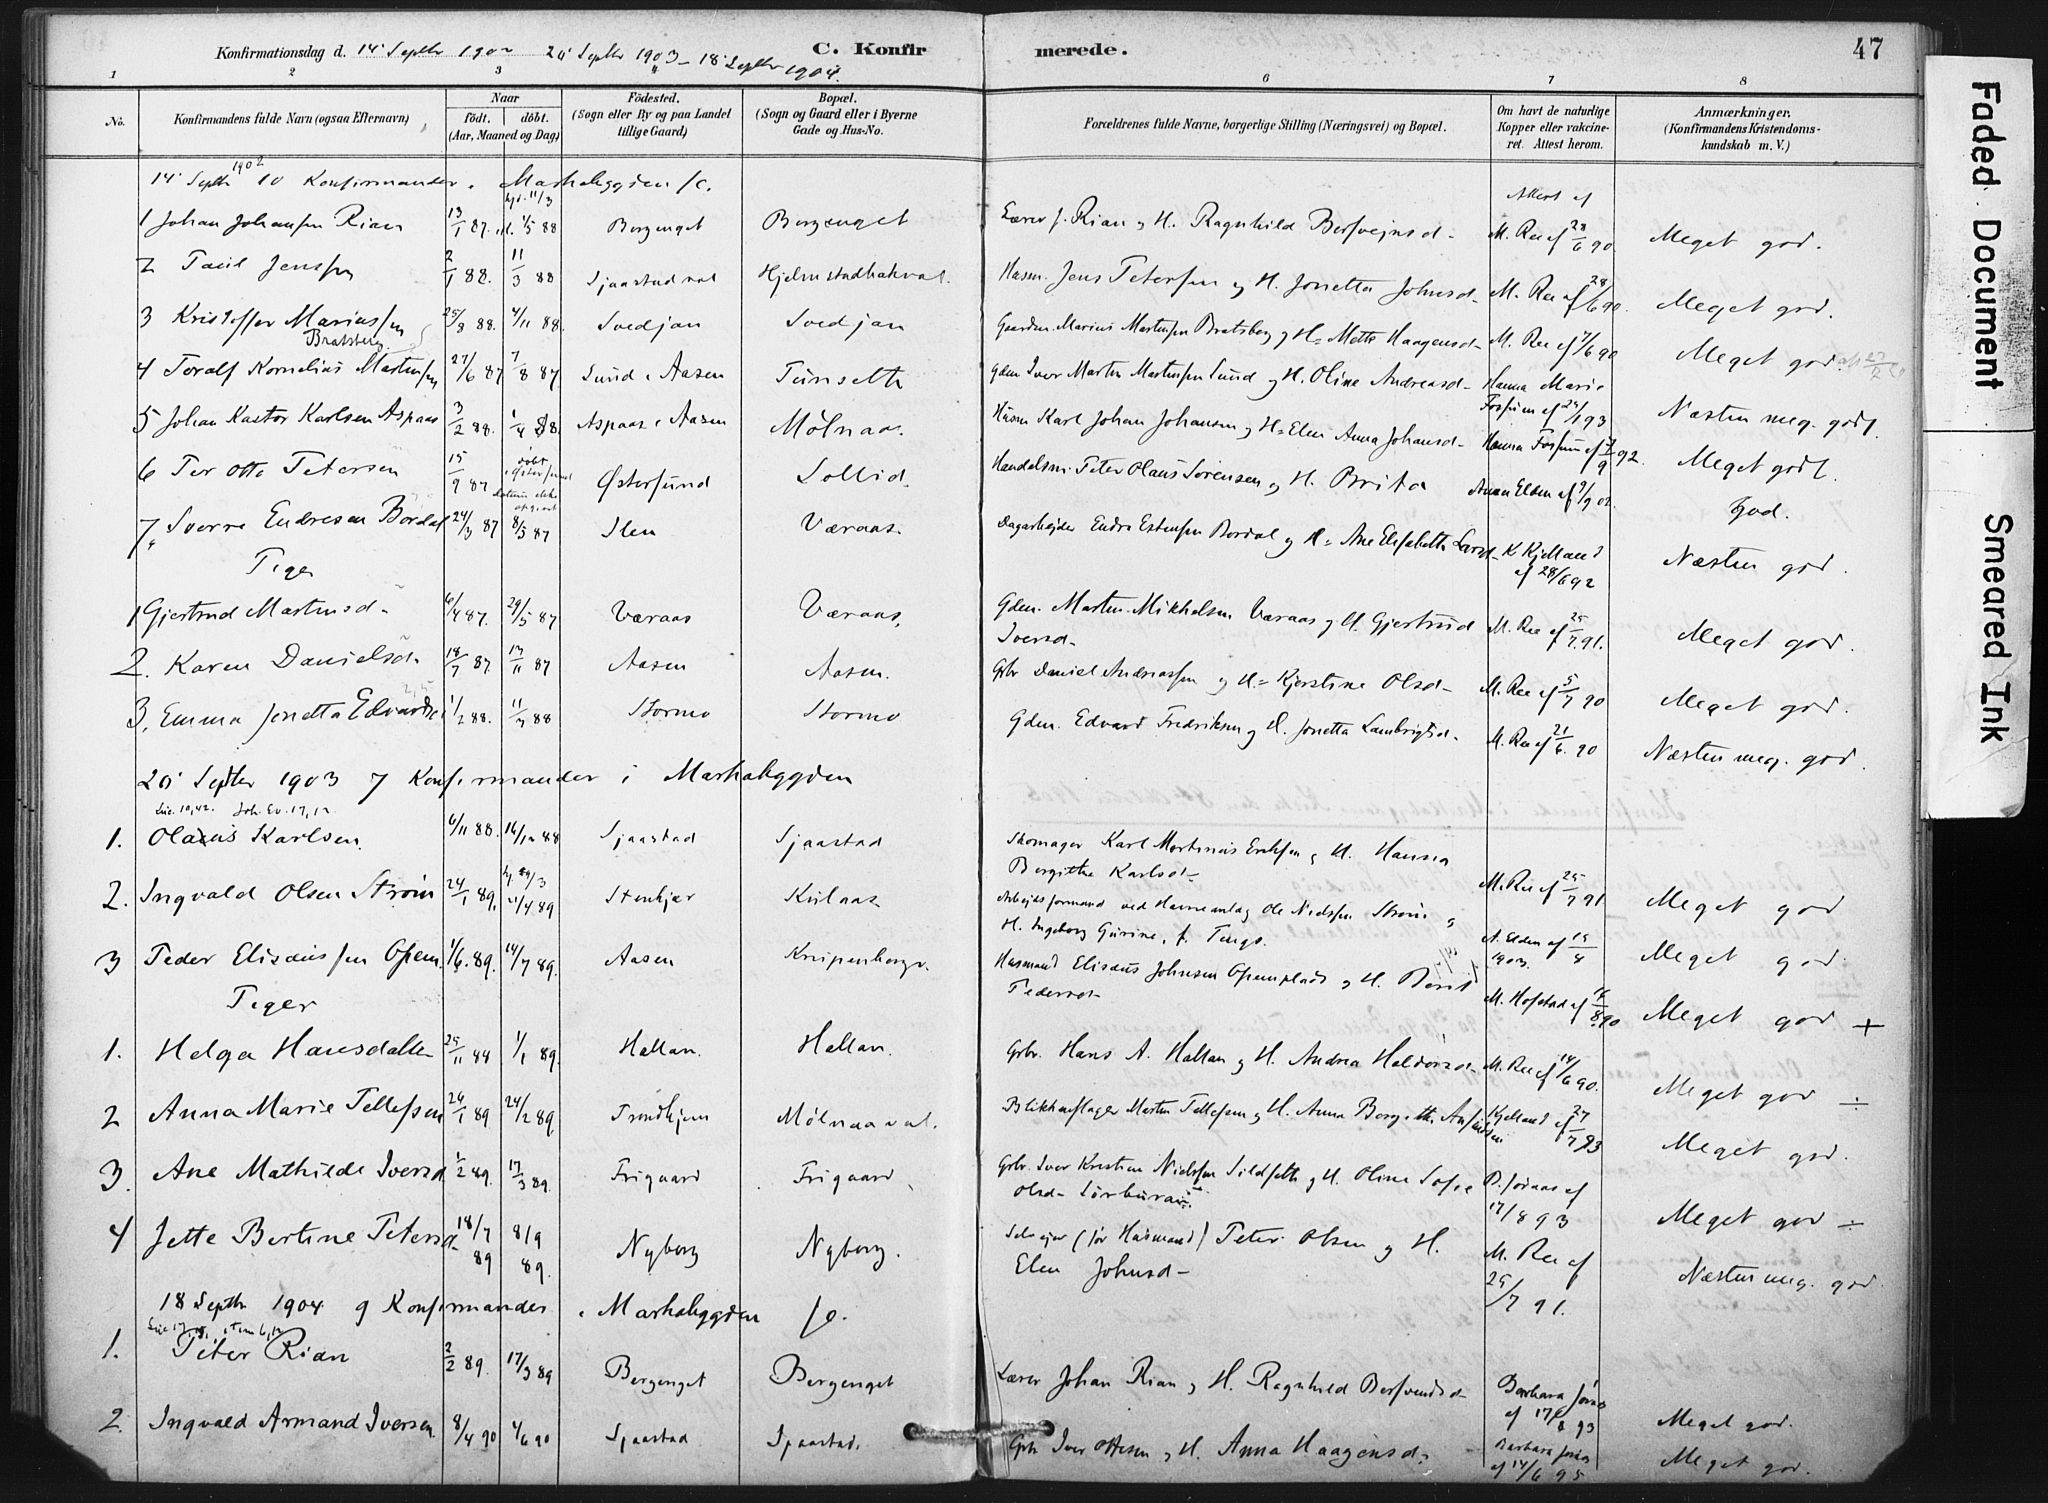 SAT, Ministerialprotokoller, klokkerbøker og fødselsregistre - Nord-Trøndelag, 718/L0175: Ministerialbok nr. 718A01, 1890-1923, s. 47